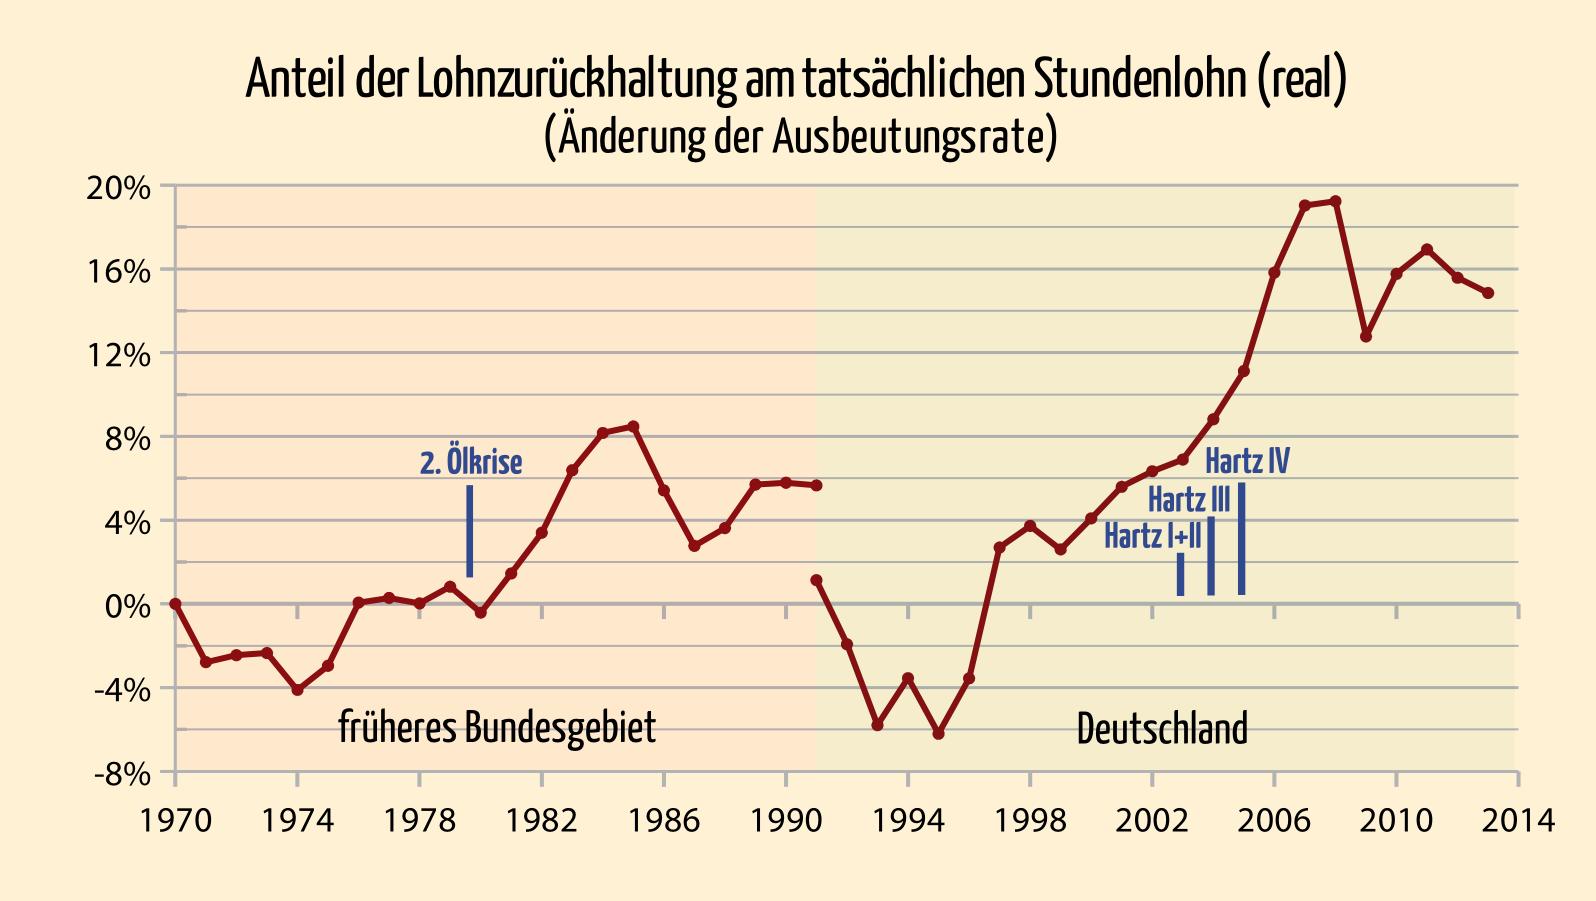 lohnzu-1970-2013